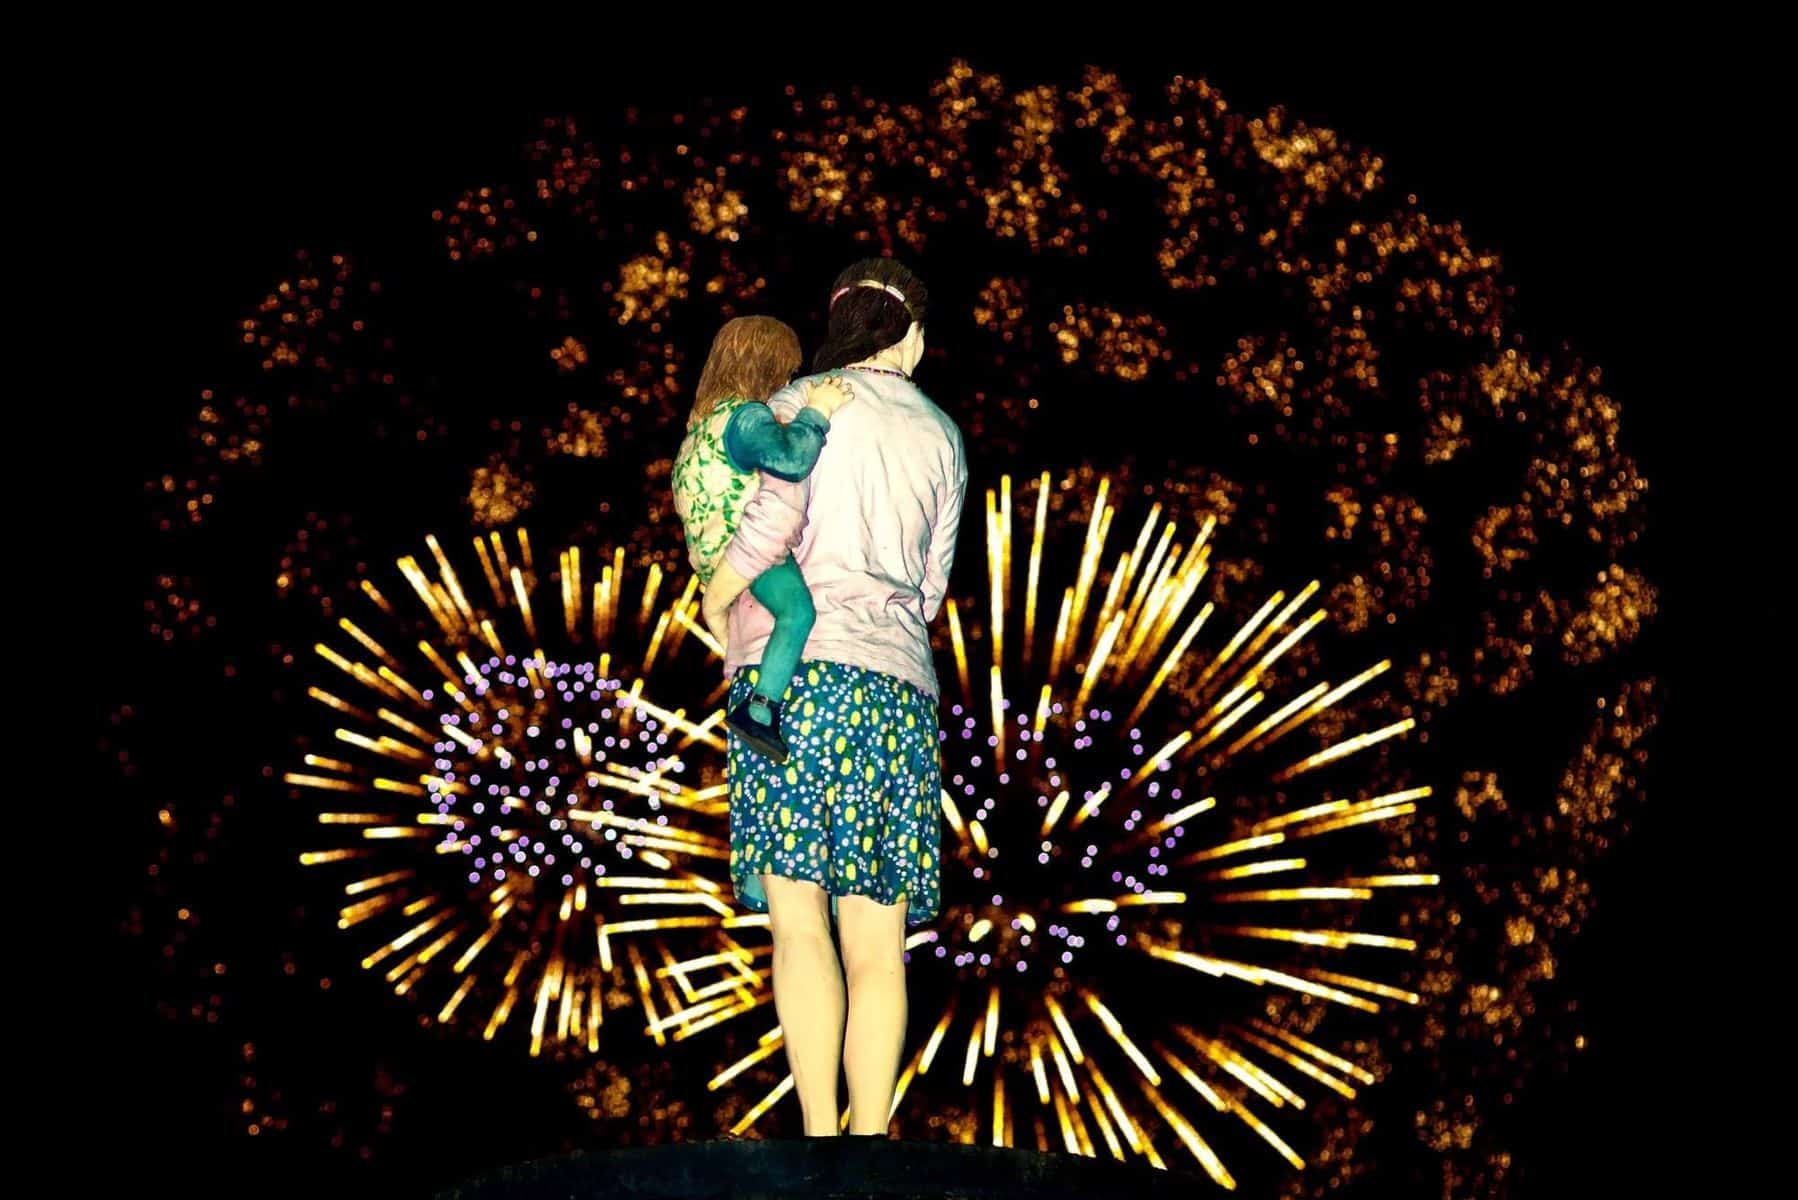 Feuerwerk (M.Neugebauer)